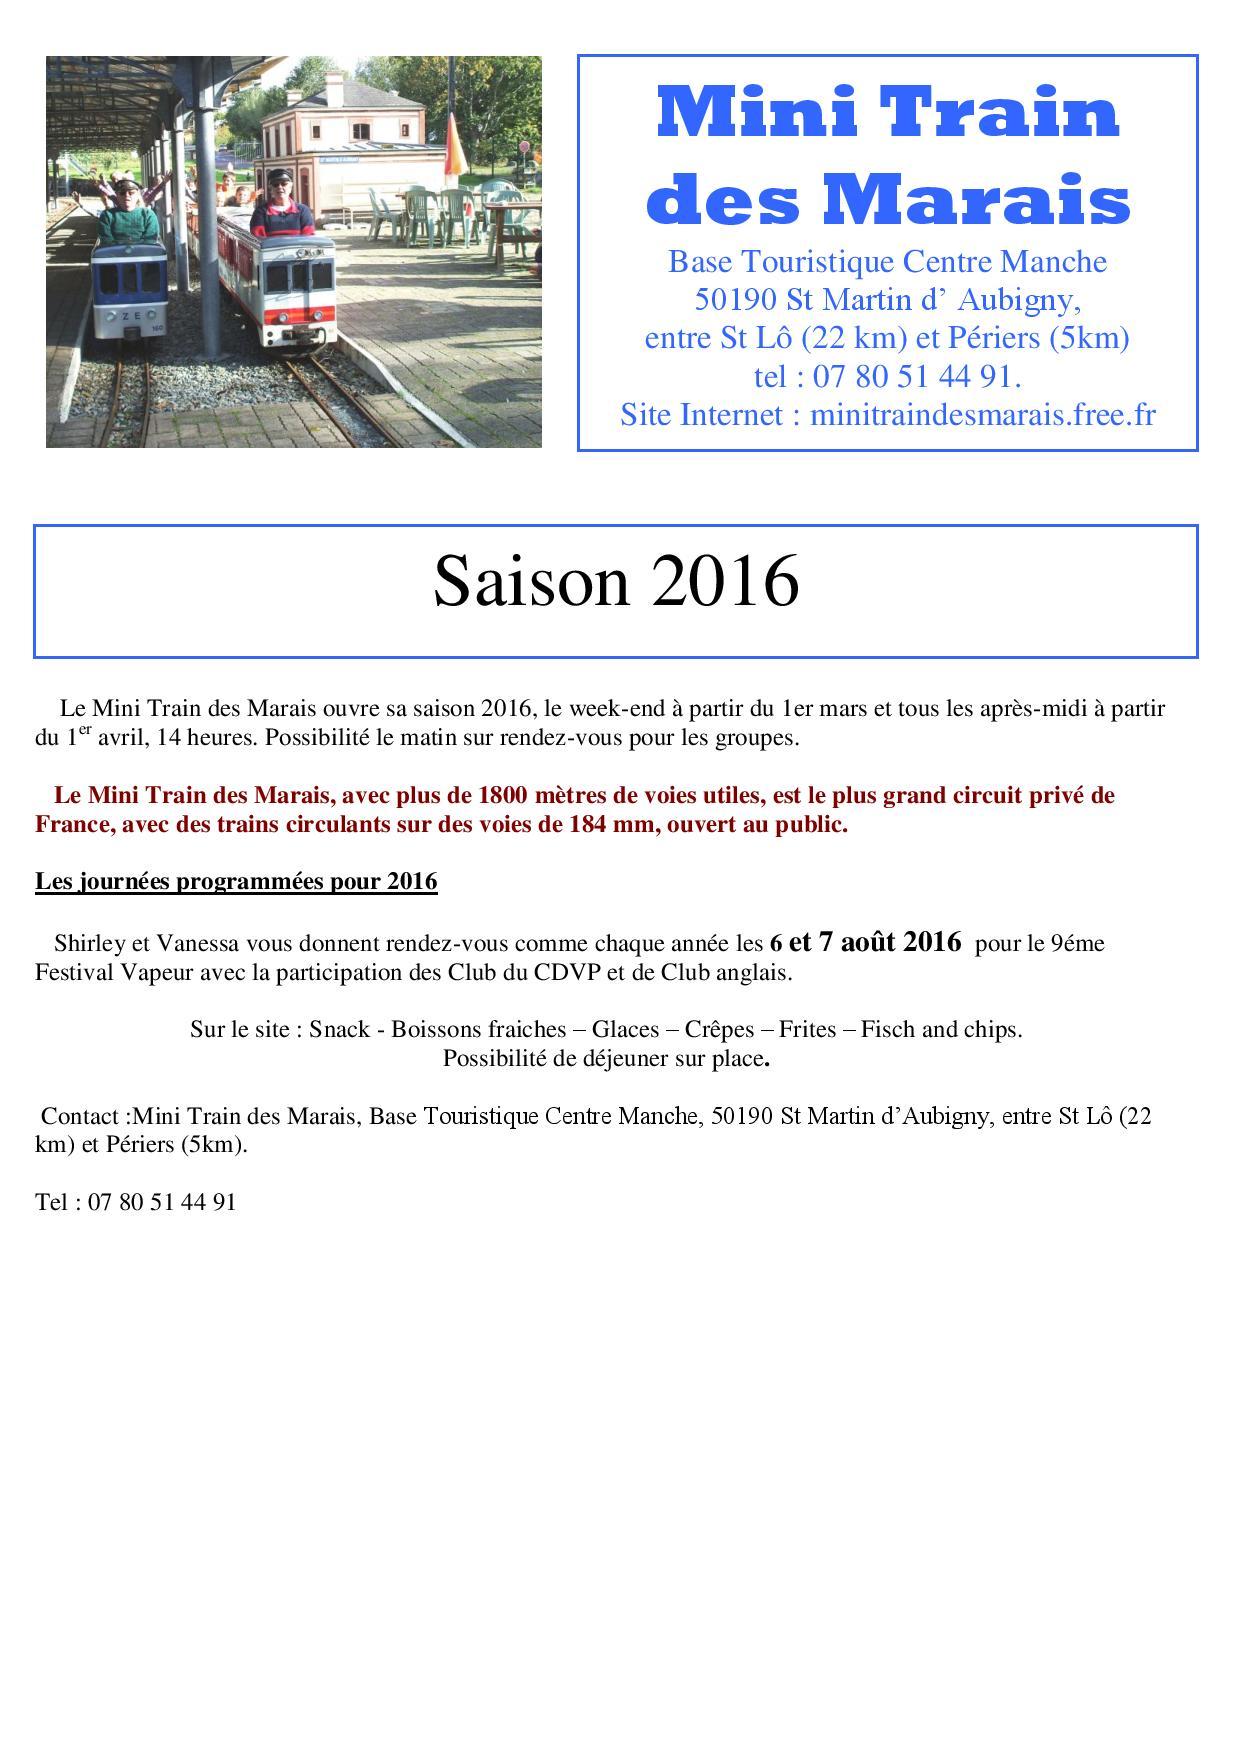 dép 50 - Mini train des Marais  Saison2016